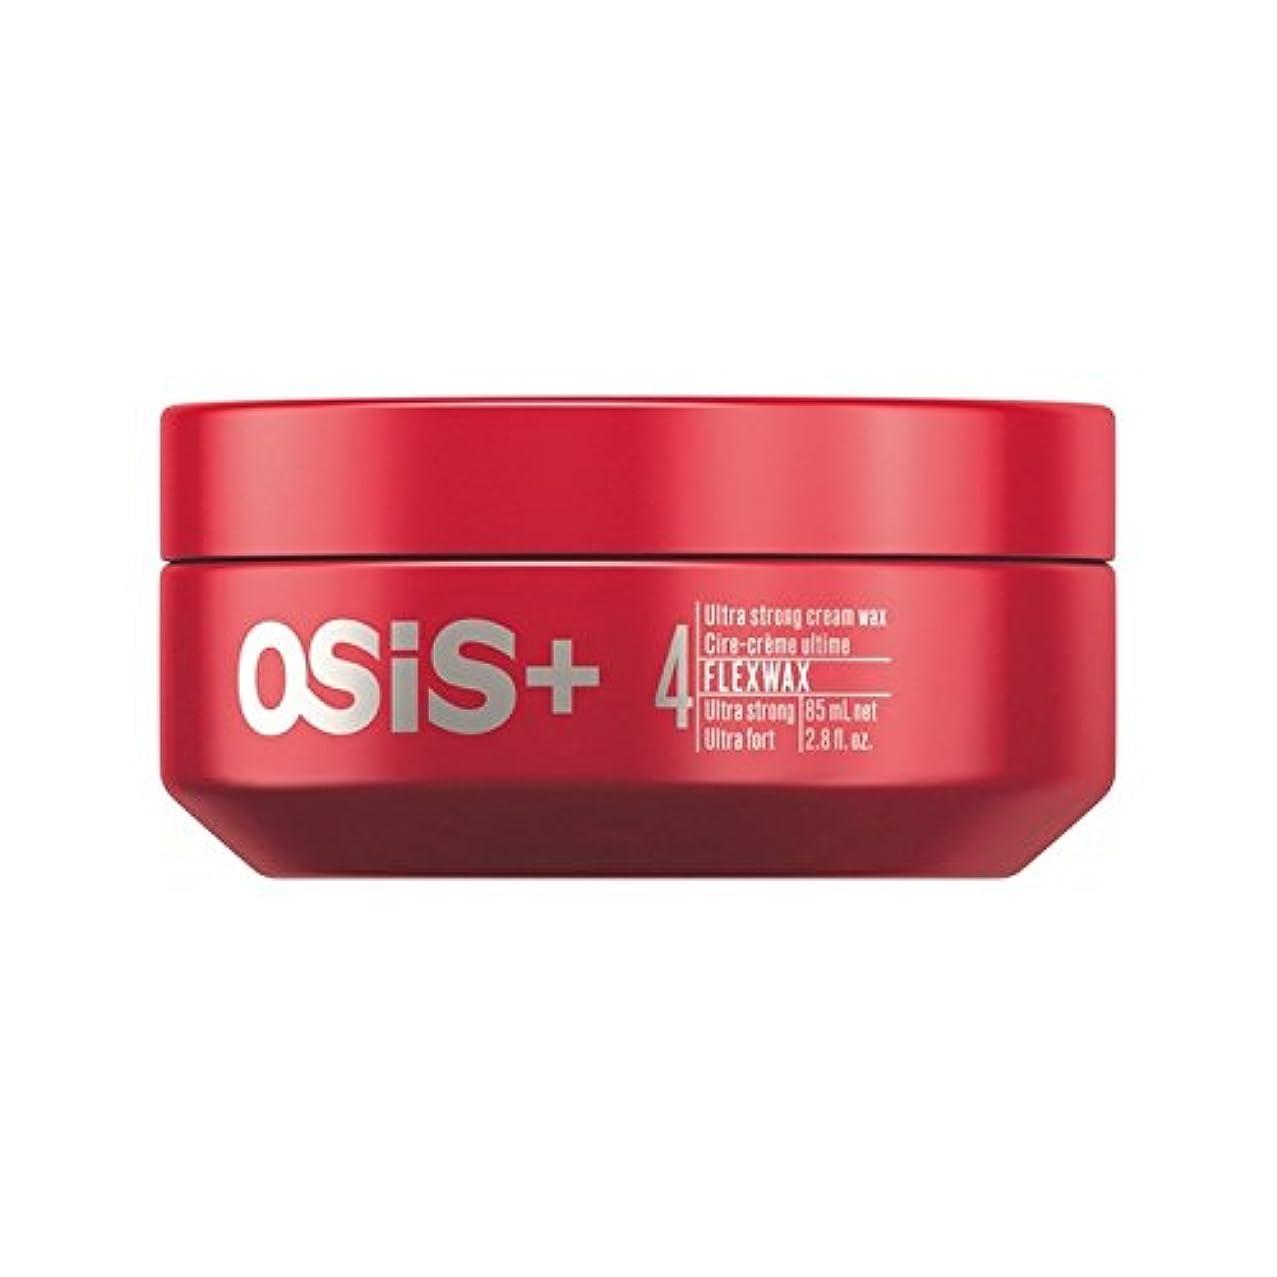 オピエート期限切れ広がりシュワルツコフ 超強力なクリームワックス(85ミリリットル) x4 - Schwarzkopf Osis Flexwax Ultra Strong Cream Wax (85ml) (Pack of 4) [並行輸入品]